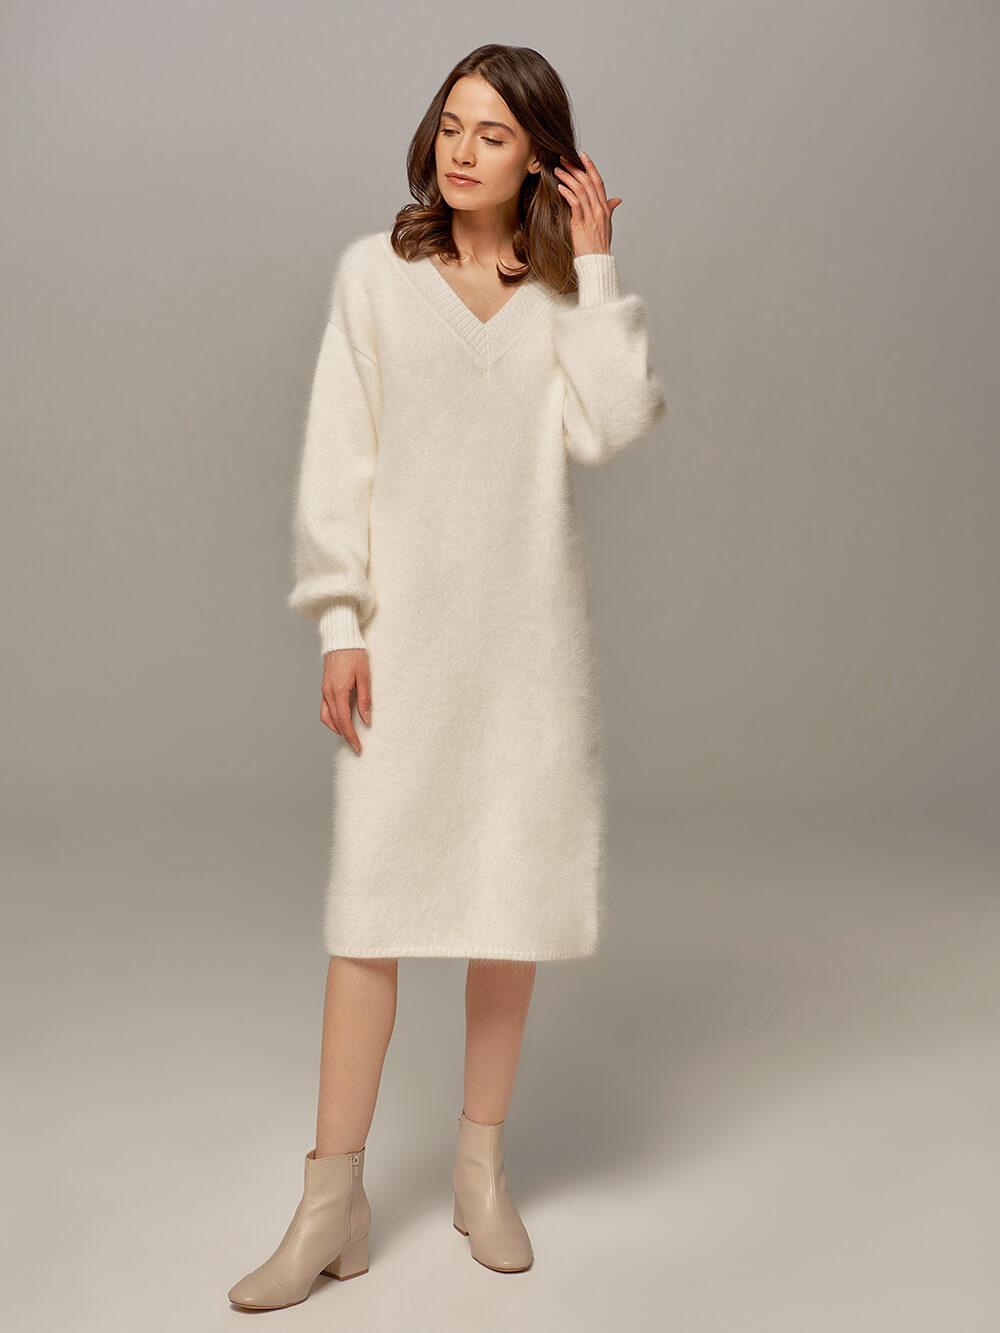 Женское платье белого цвета из ангоры - фото 1